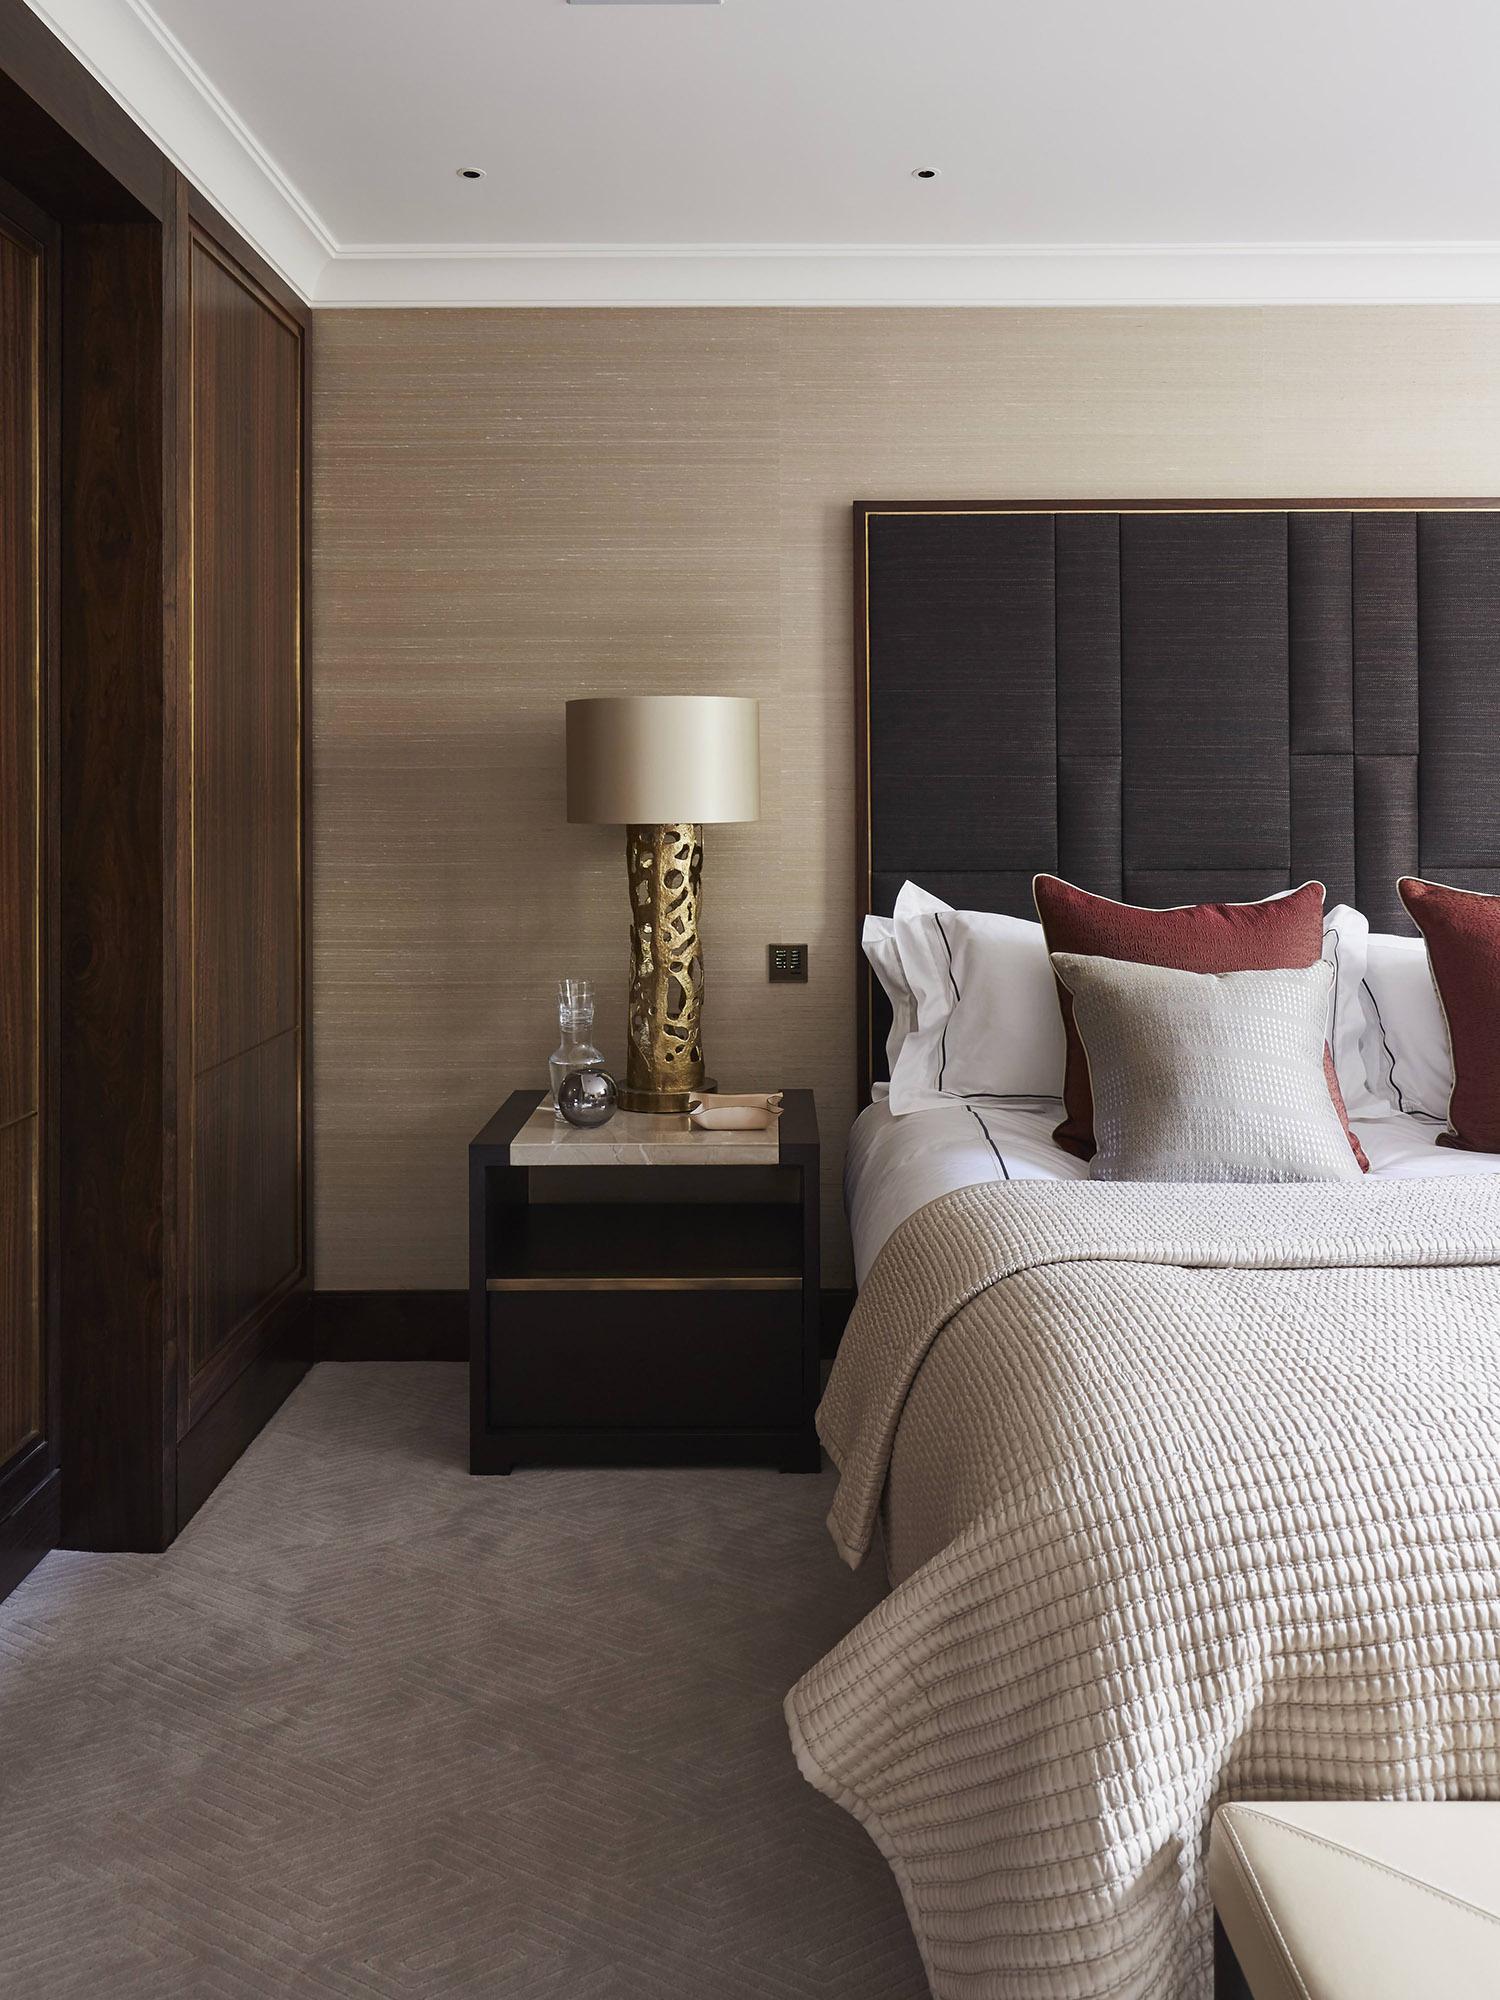 Bedroom Interior Design Knightsbridge Mallett London